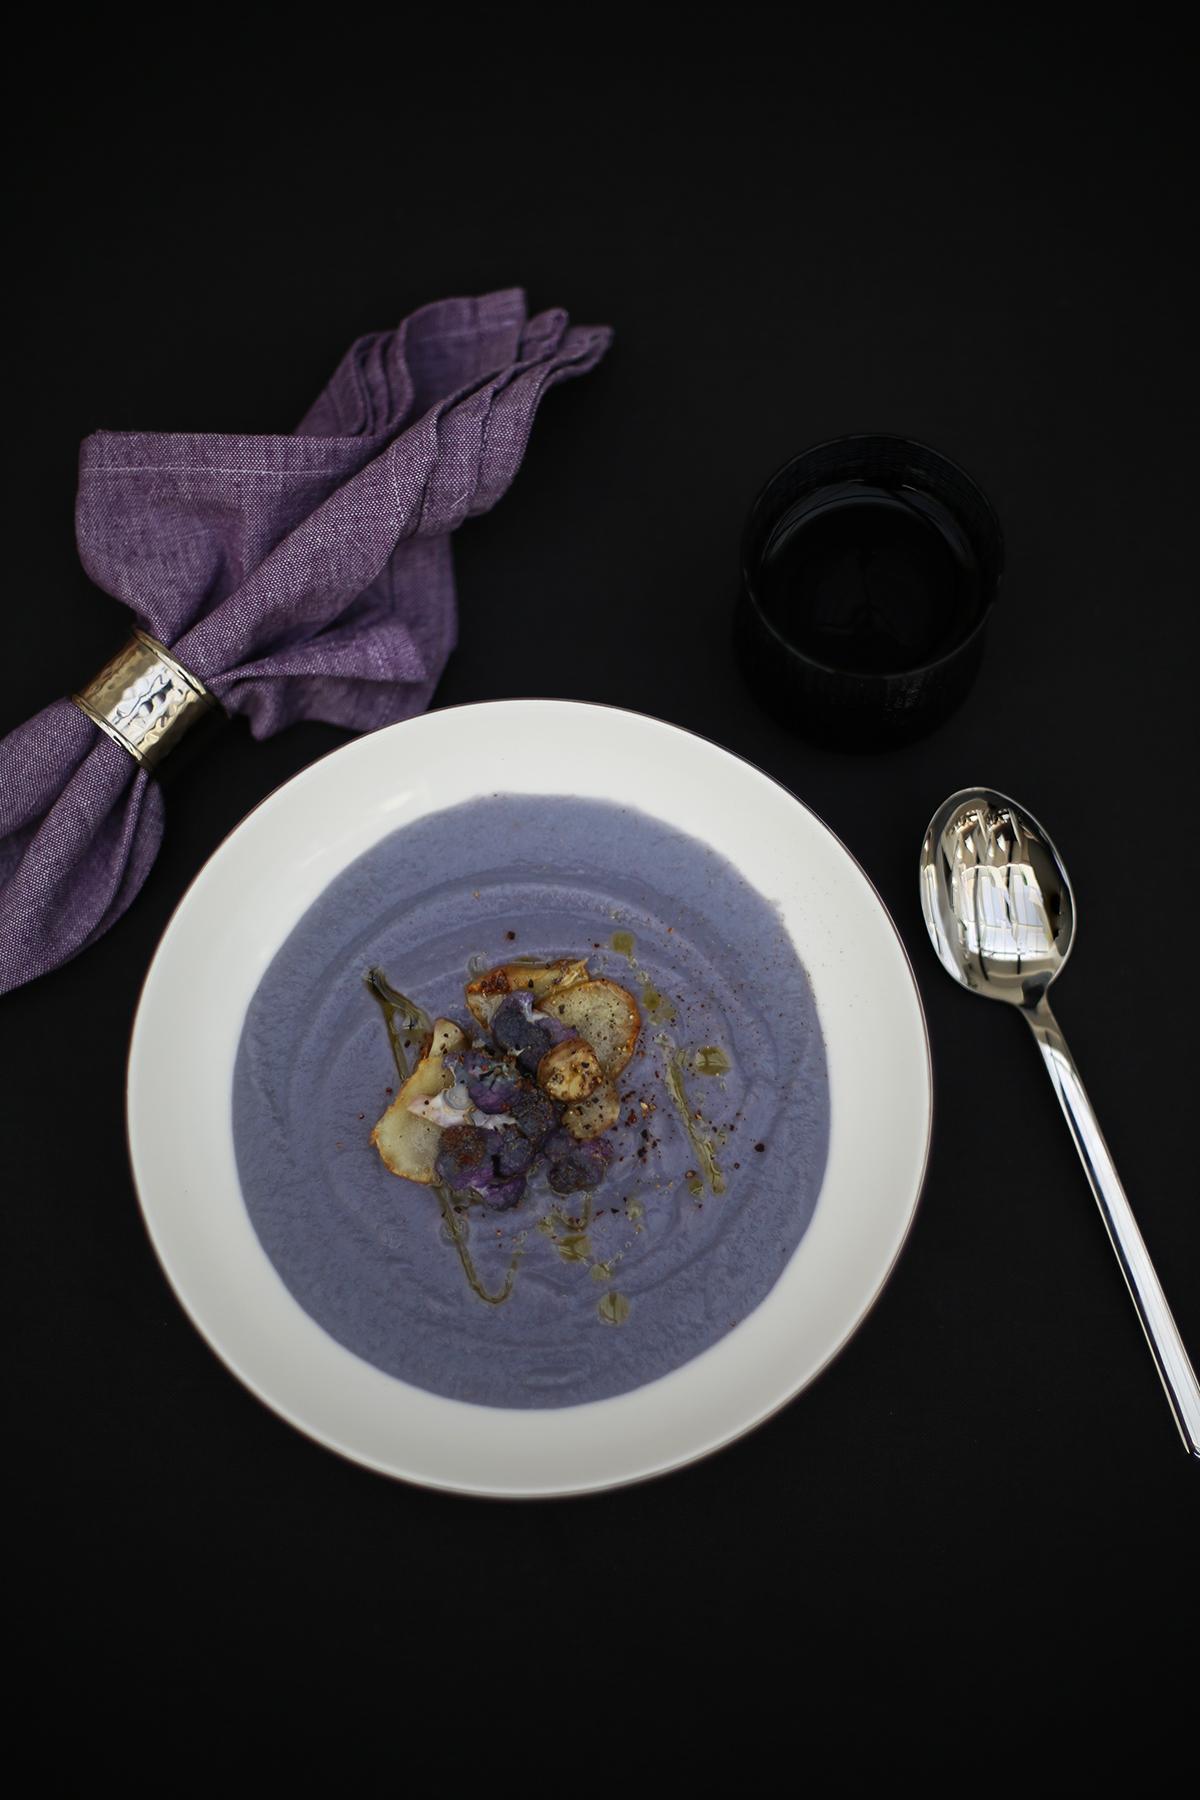 Avec Sofié blog - kukkakaalitalkoot - keitto syyspöytään